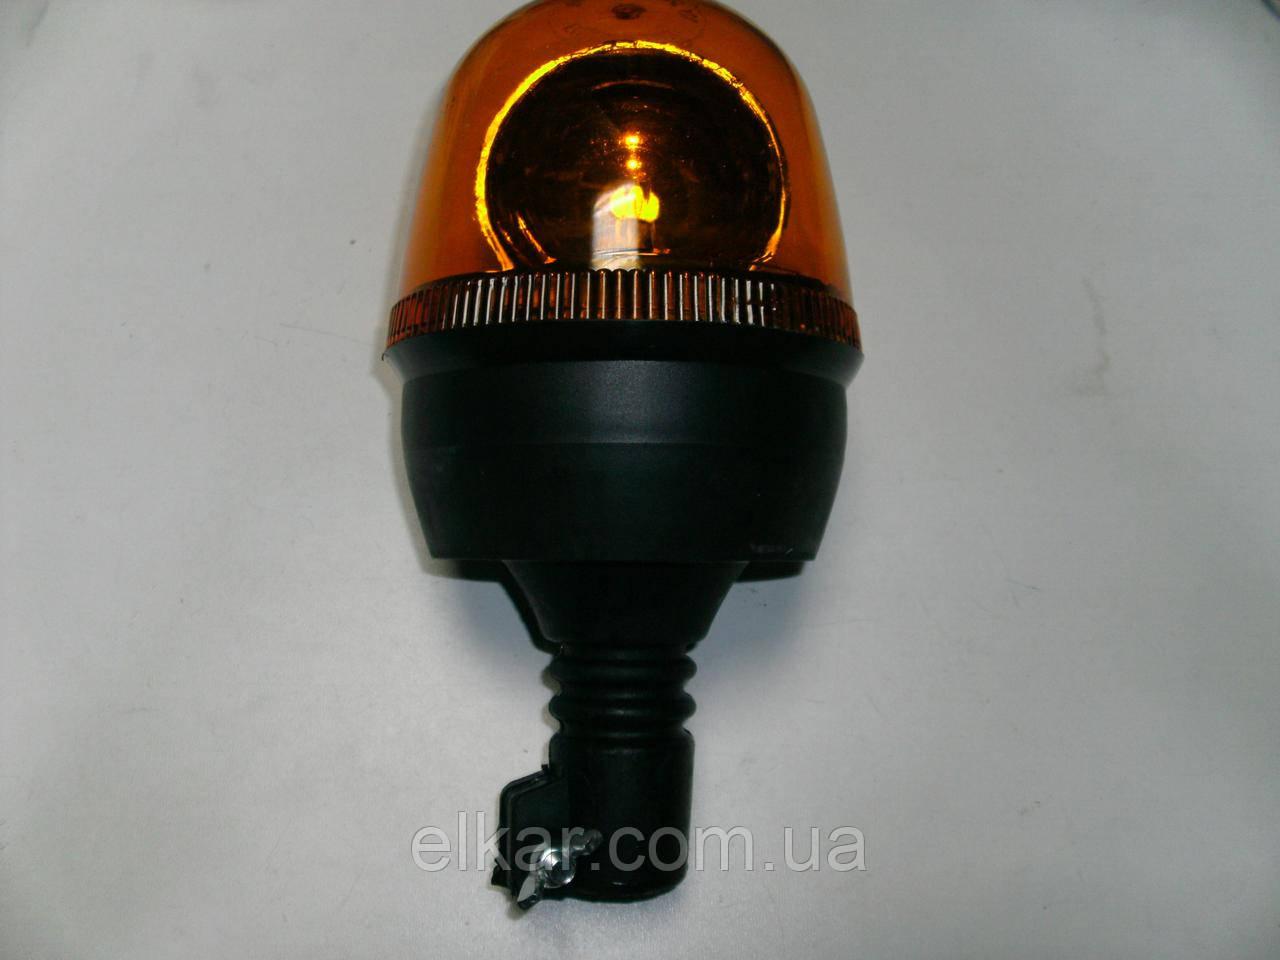 Ліхтар проблисковий на шток (хомут,тип Socket-бездротове з`єднання) 12В TR-07-01(вир-во Туречинна)